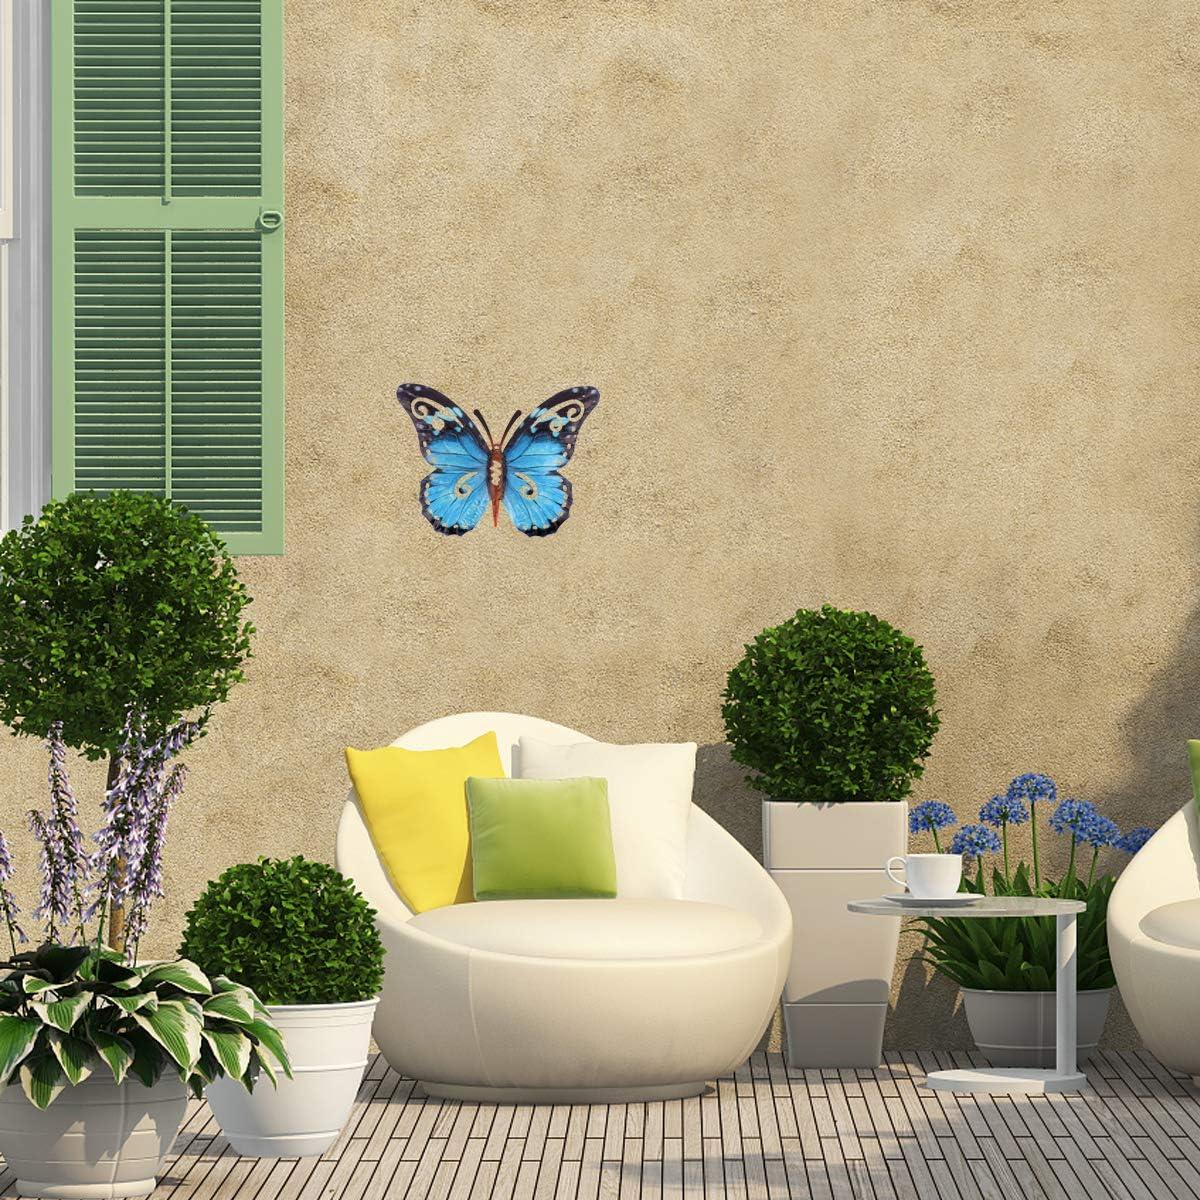 Marron YARNOW D/écoration Murale Papillon en Fer D/écoration Murale De Jardin Ext/érieur Papillon en M/étal